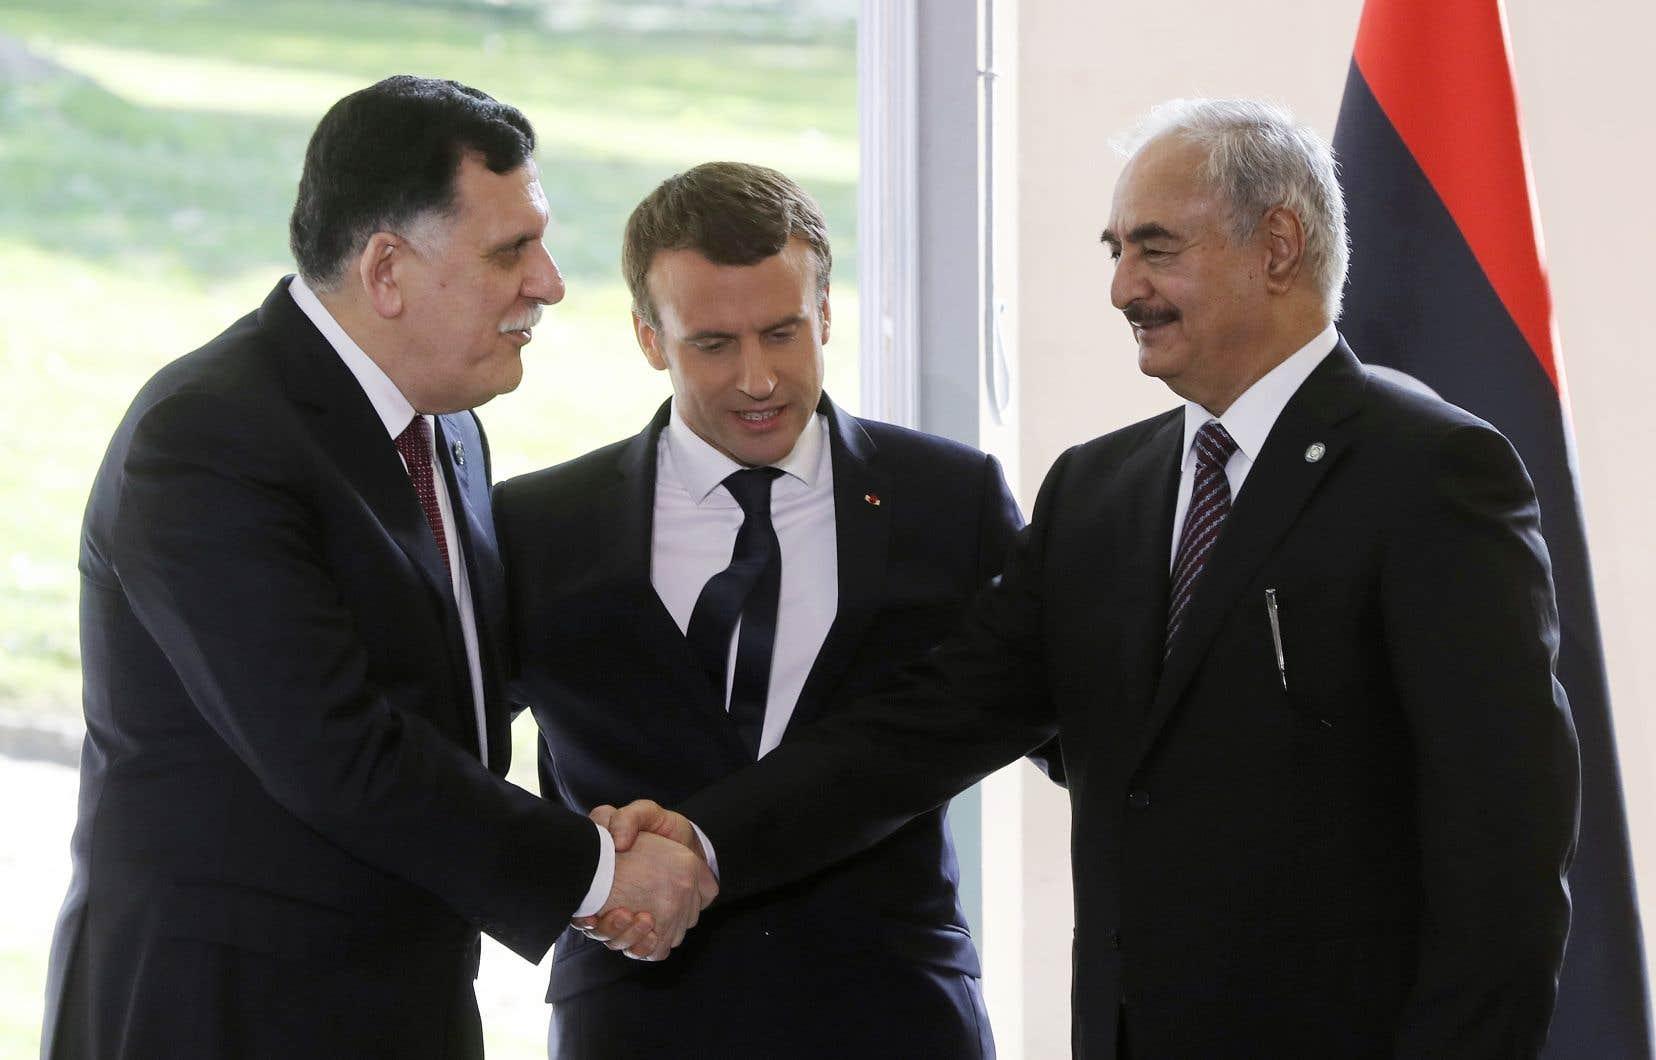 Le premier ministre libyen, Fayez al-Sarraj (à gauche), serre la main du général Khalifa Haftar, commandant de l'armée nationale libyenne, devant le président français, Emmanuel Macron, le 25 juillet 2017.